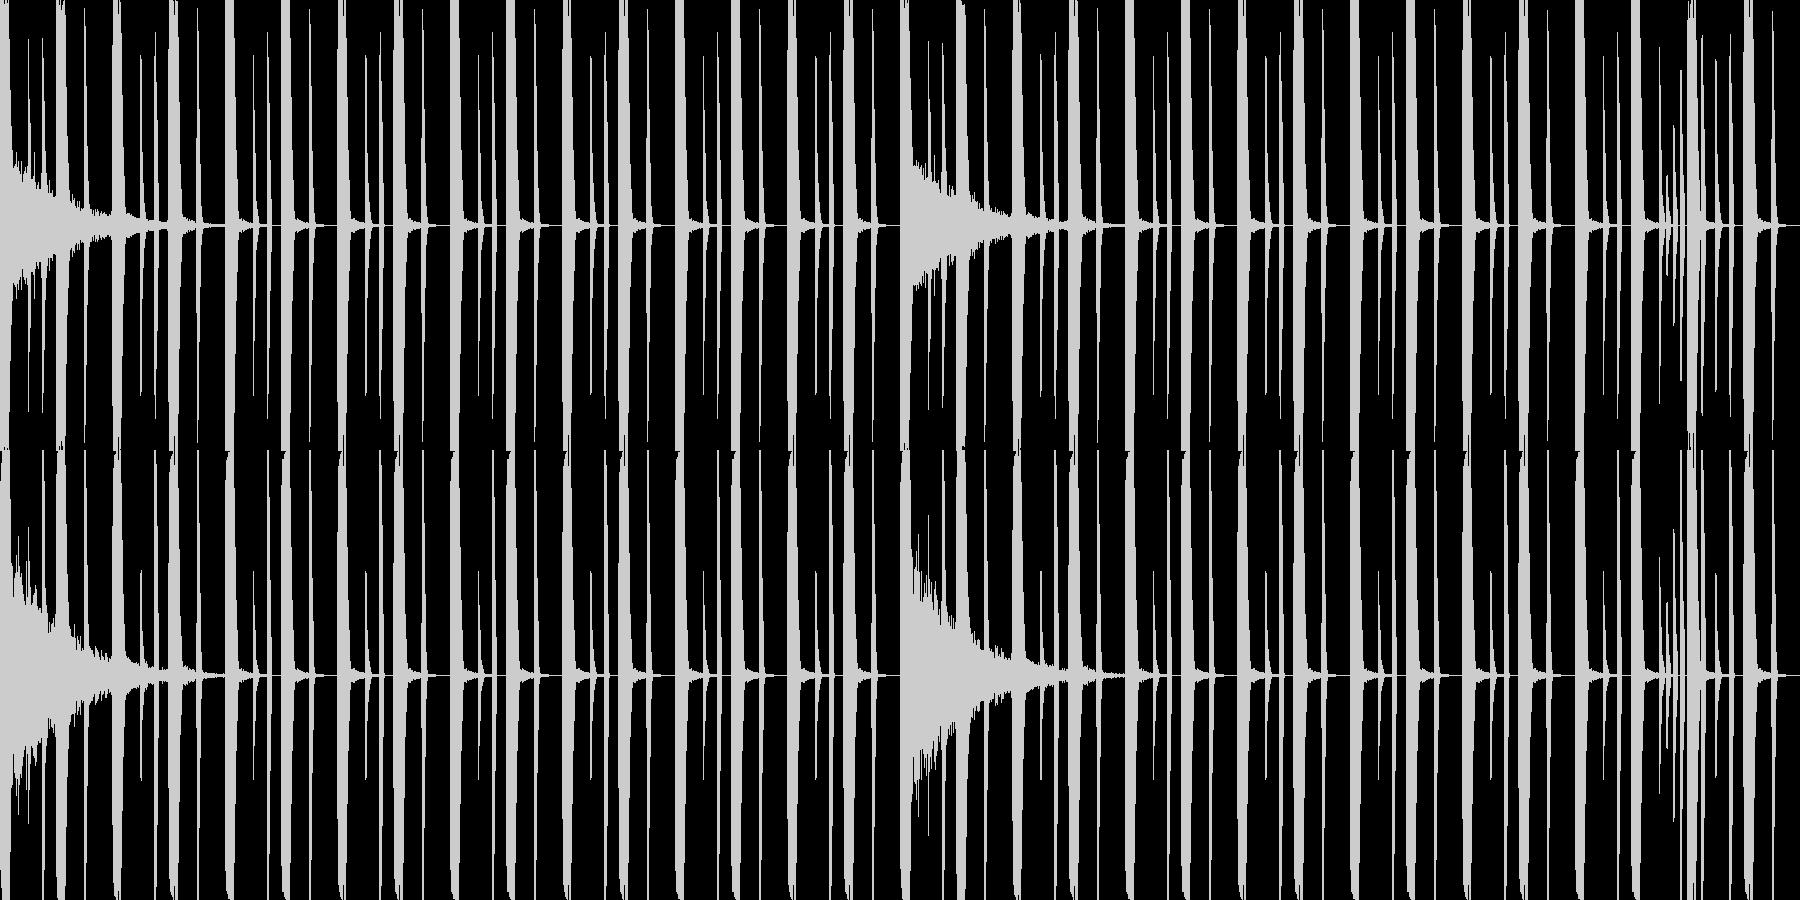 ドラムのみレゲトンビート8小節ループの未再生の波形